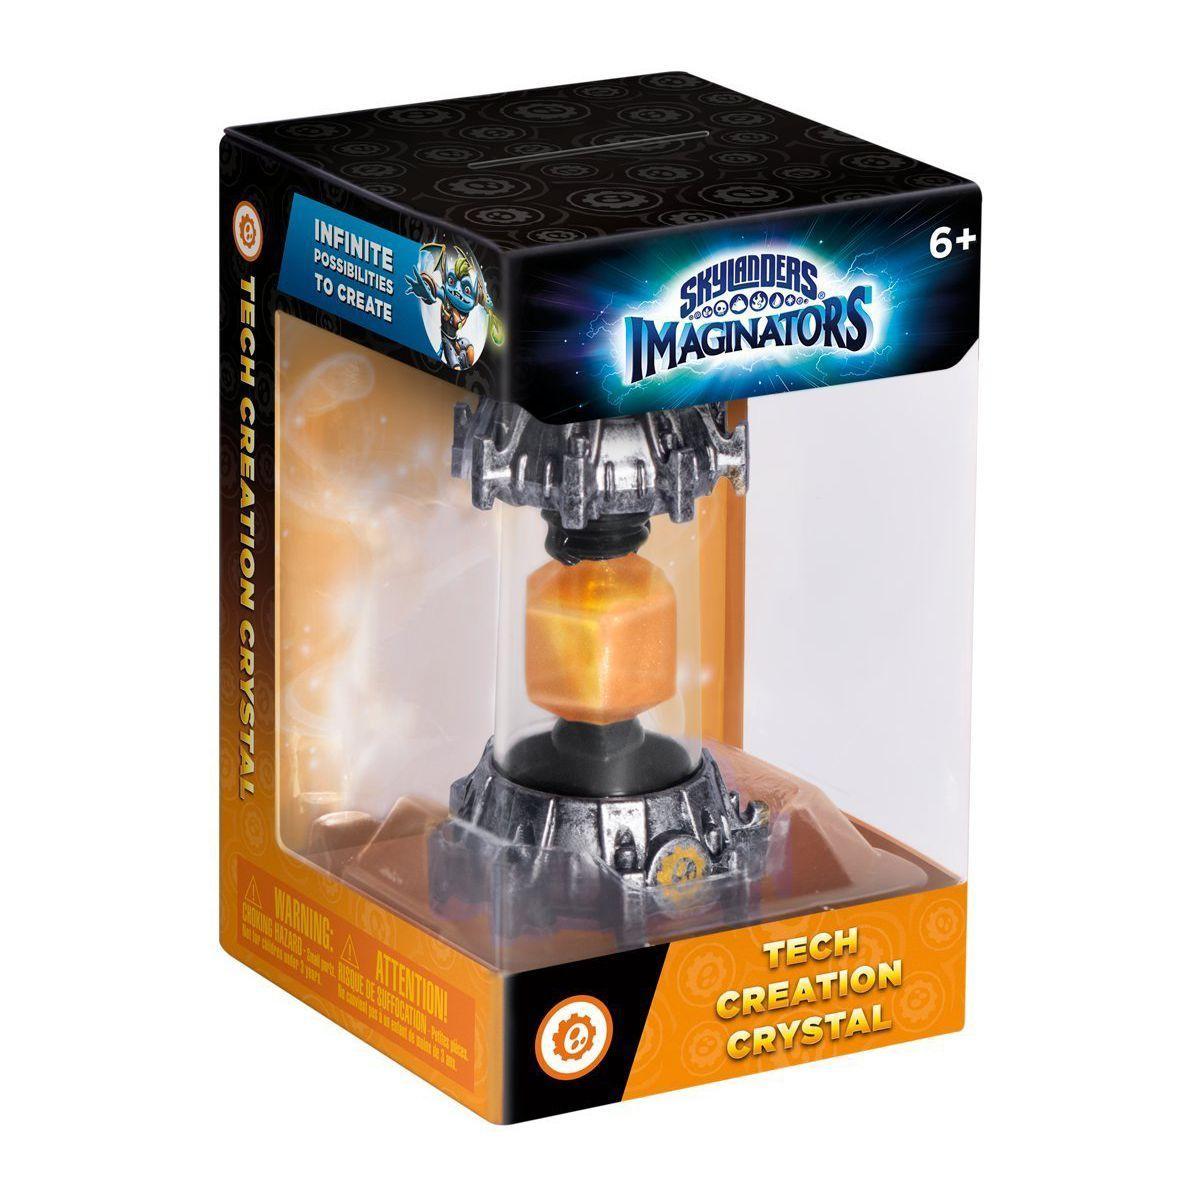 Figurine activision cristaux - cristal t - 3% de remise immédiate avec le code : multi3